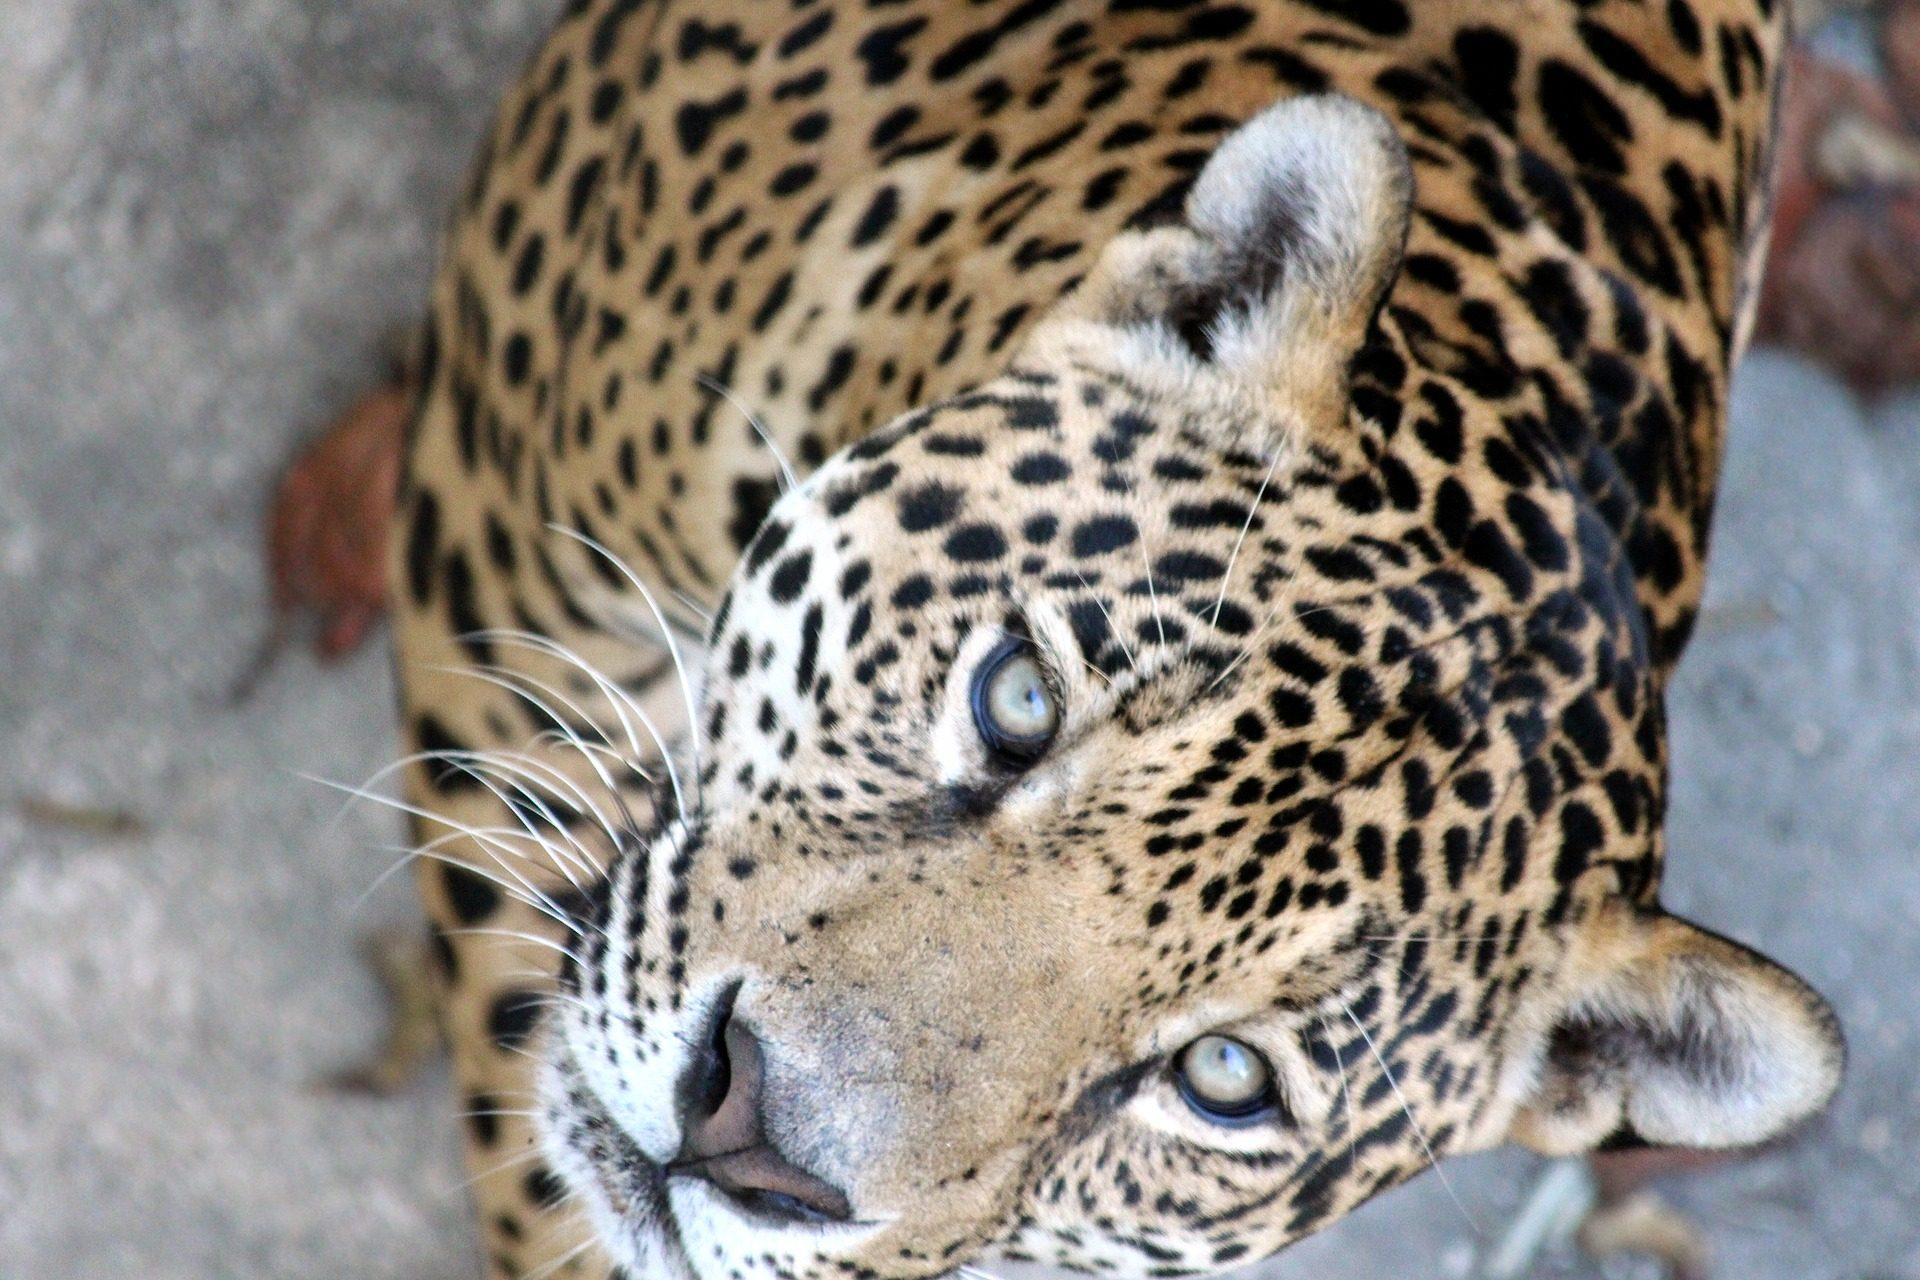 捷豹, 猫科动物, 捕食者, 野生, motas, 毛皮 - 高清壁纸 - 教授-falken.com